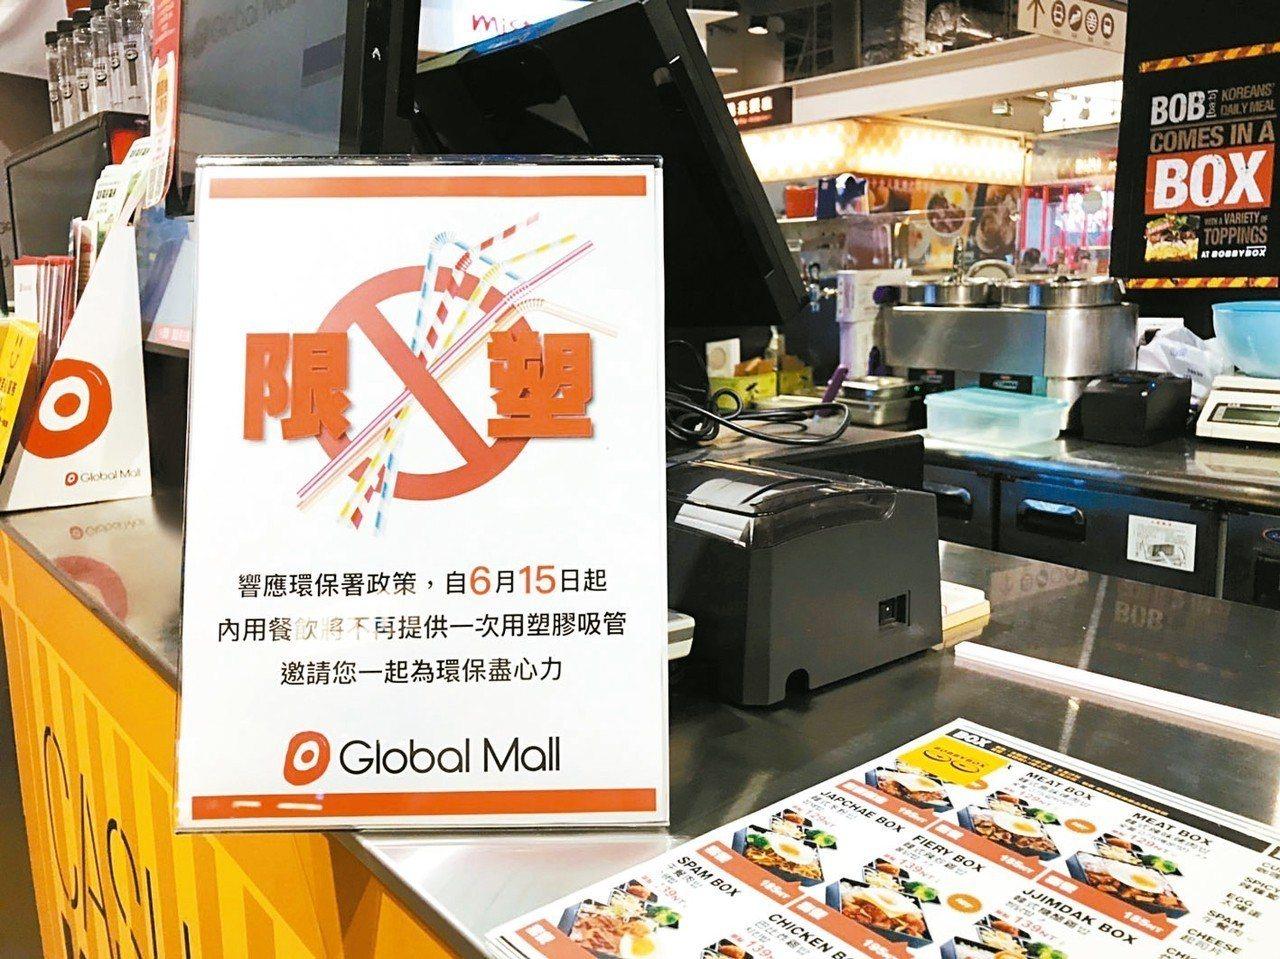 環球購物中心6月15日起,內用餐飲不提供一次性塑膠吸管。 圖/環球購物中心提供